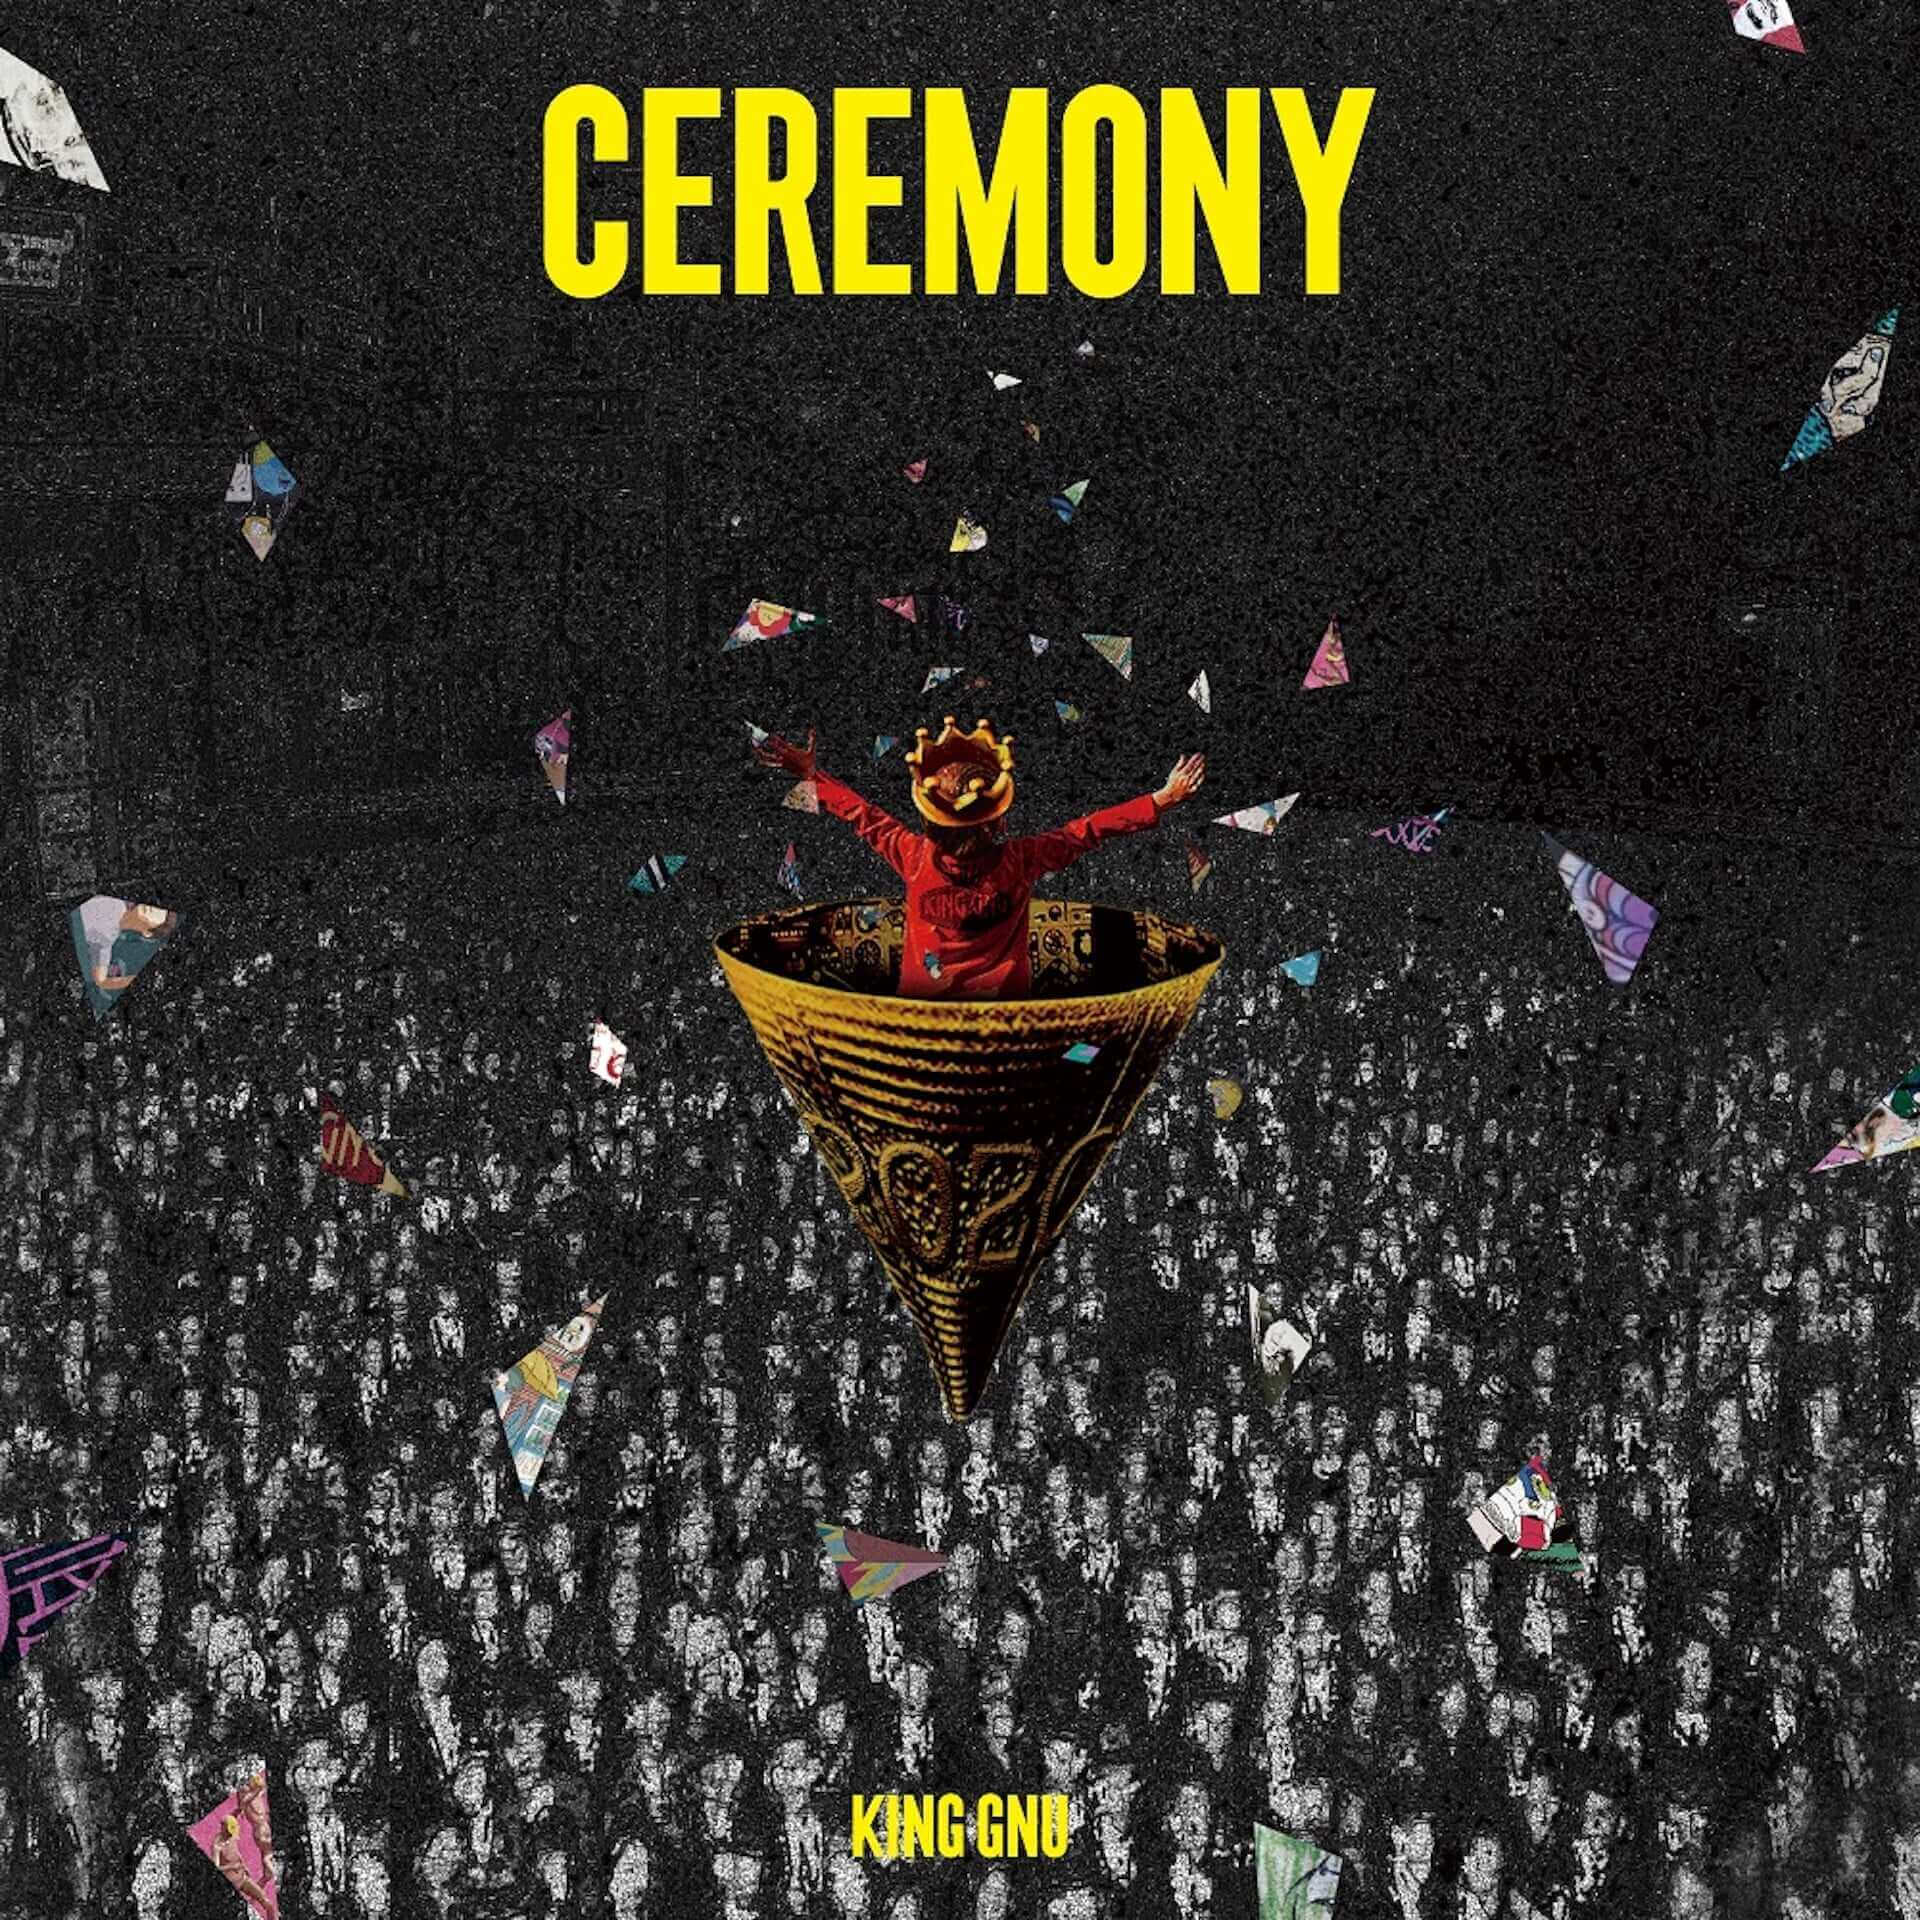 King Gnu、自身初の有料ライブ配信実施を発表!『CEREMONY』ツアーのオフィシャルグッズがオンラインで先行販売決定 music200714_kinggnu_1